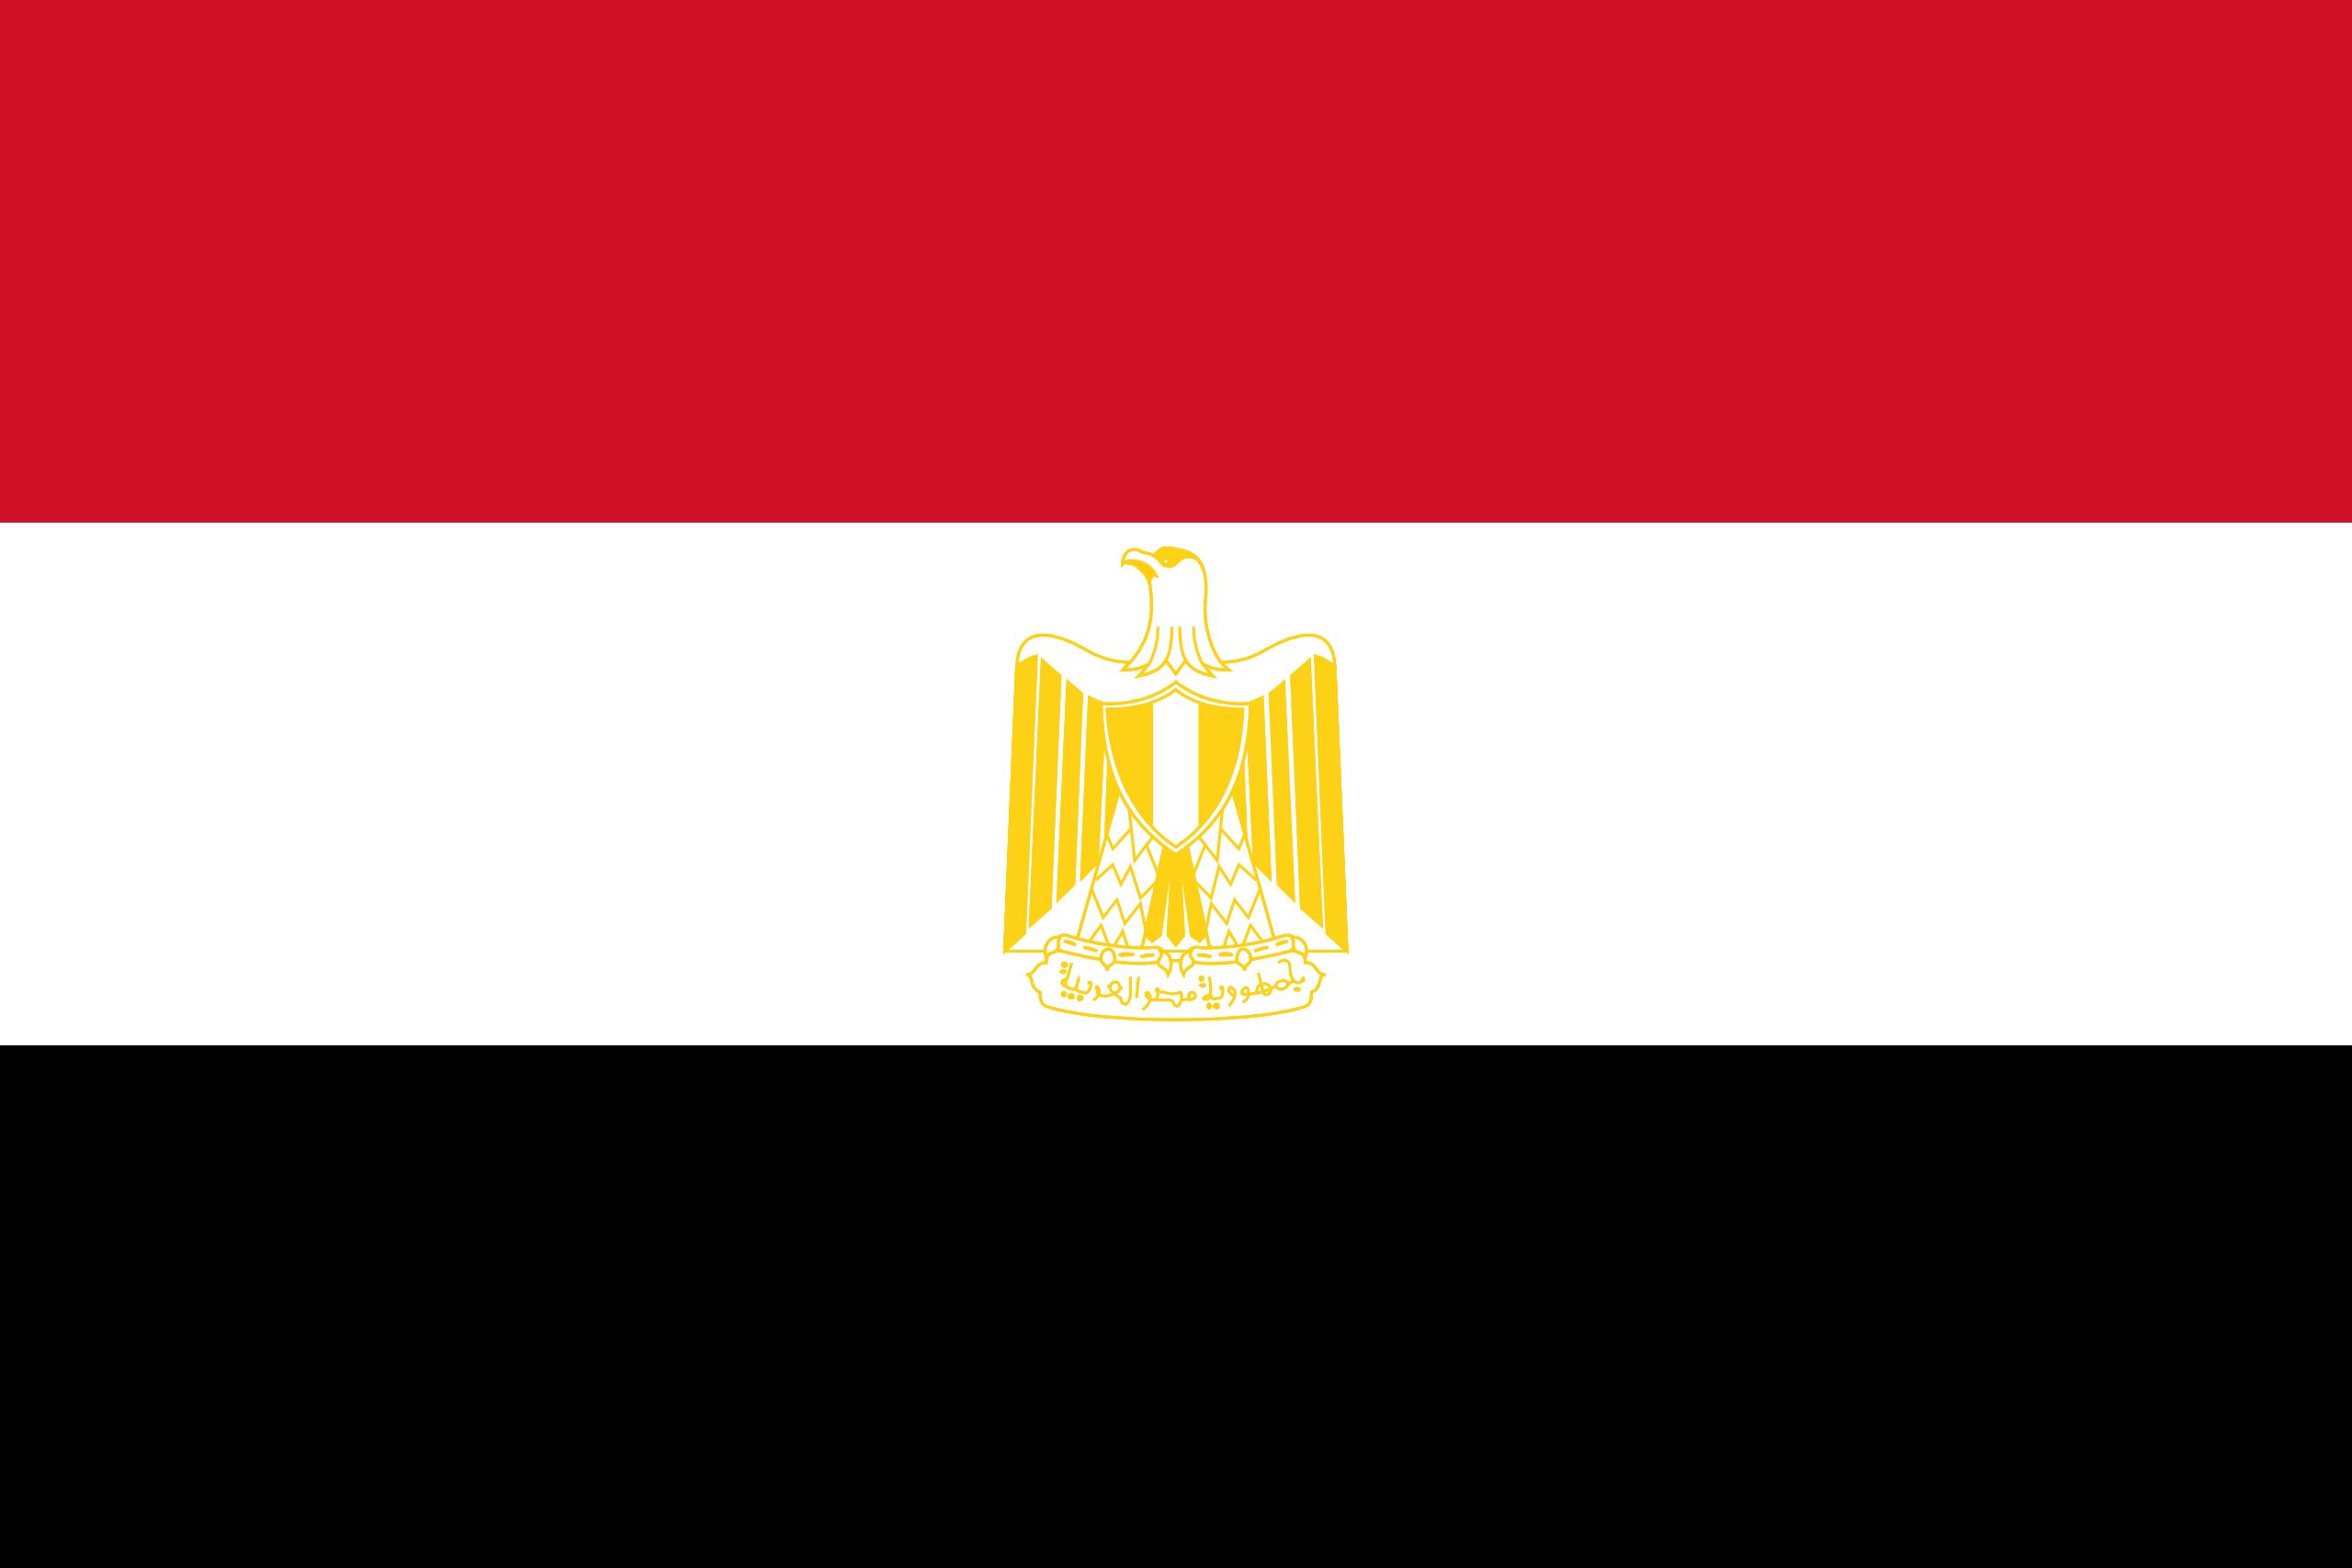 Αίγυπτος, χώρα, έμβλημα, λογότυπο, σύμβολο - Wallpapers HD - Professor-falken.com